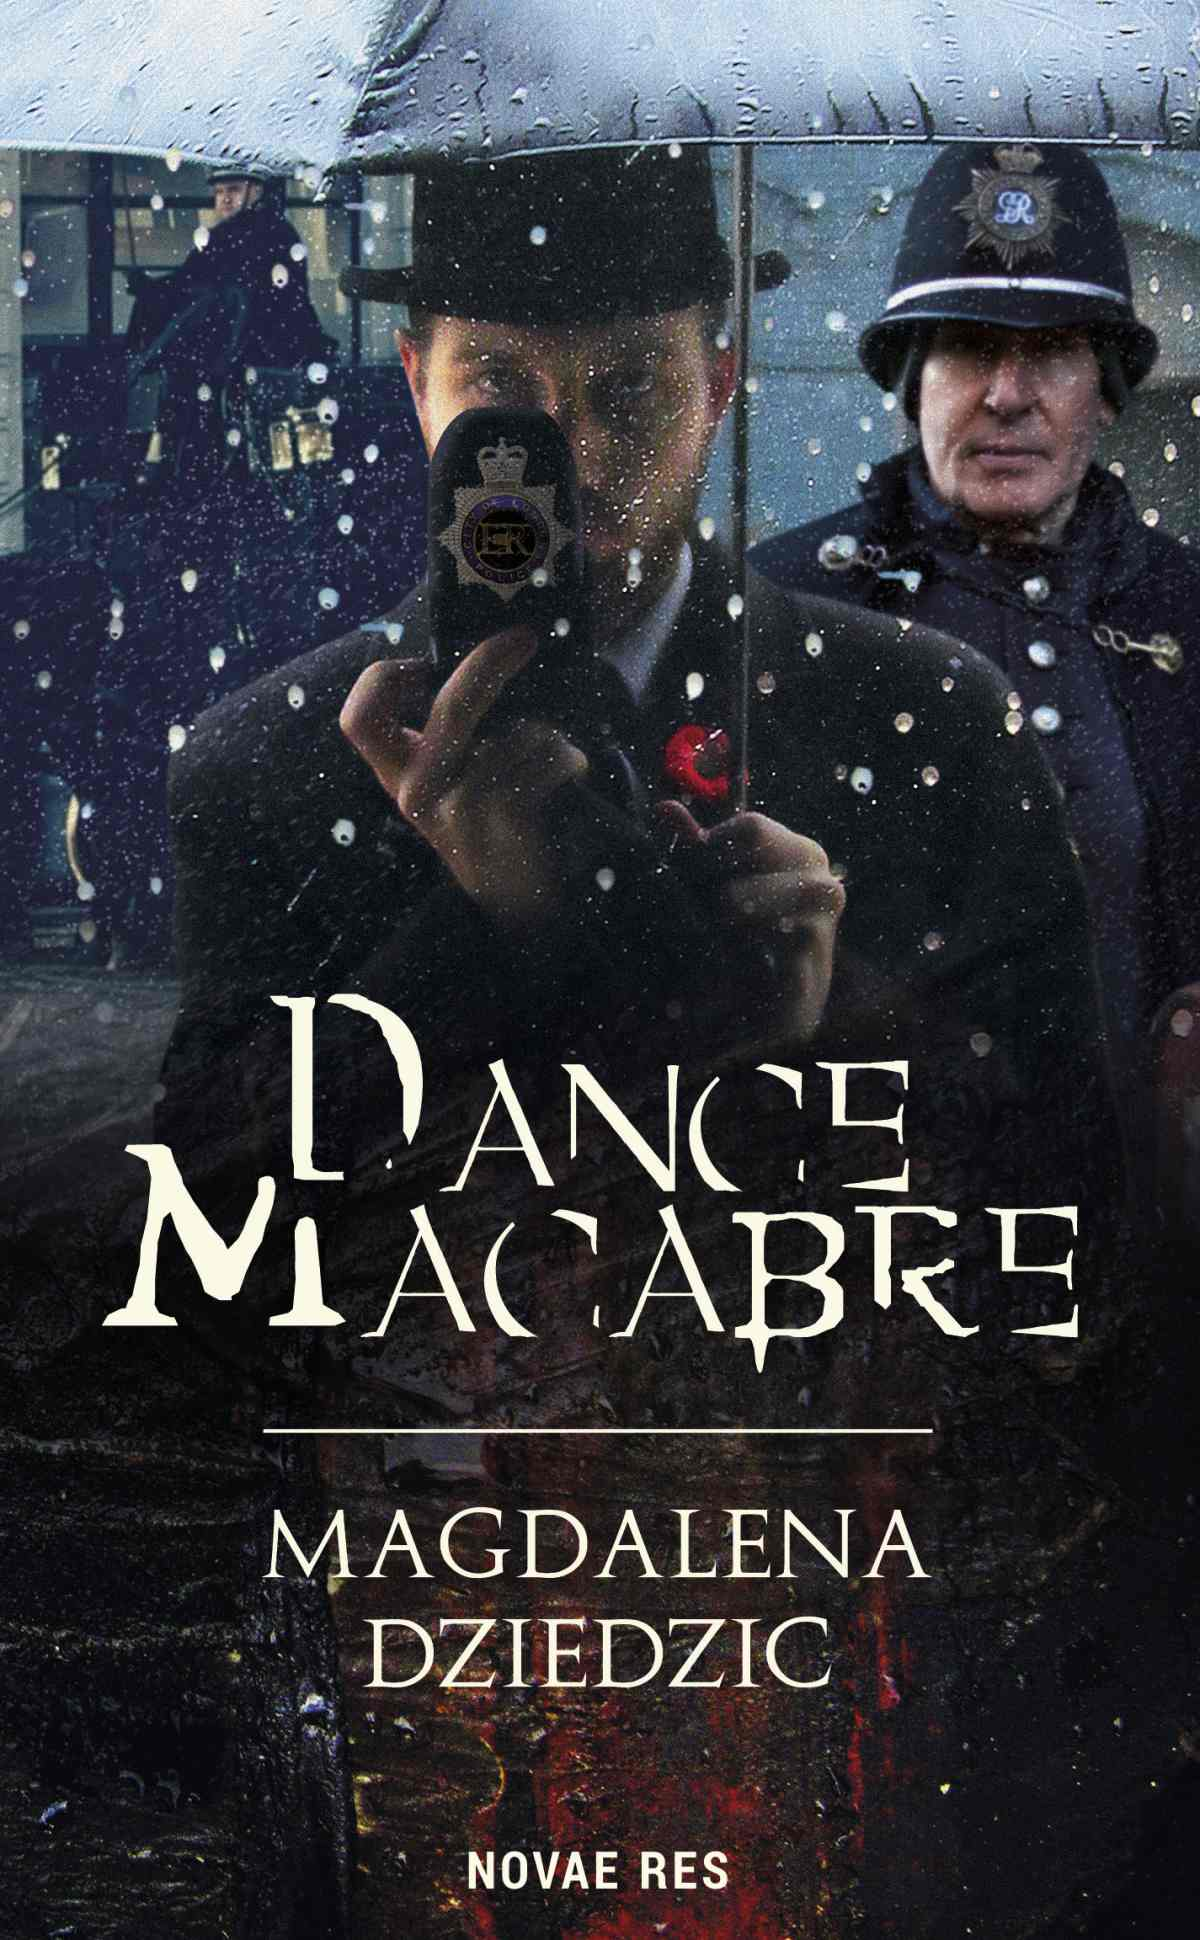 Dance macabre - Ebook (Książka EPUB) do pobrania w formacie EPUB